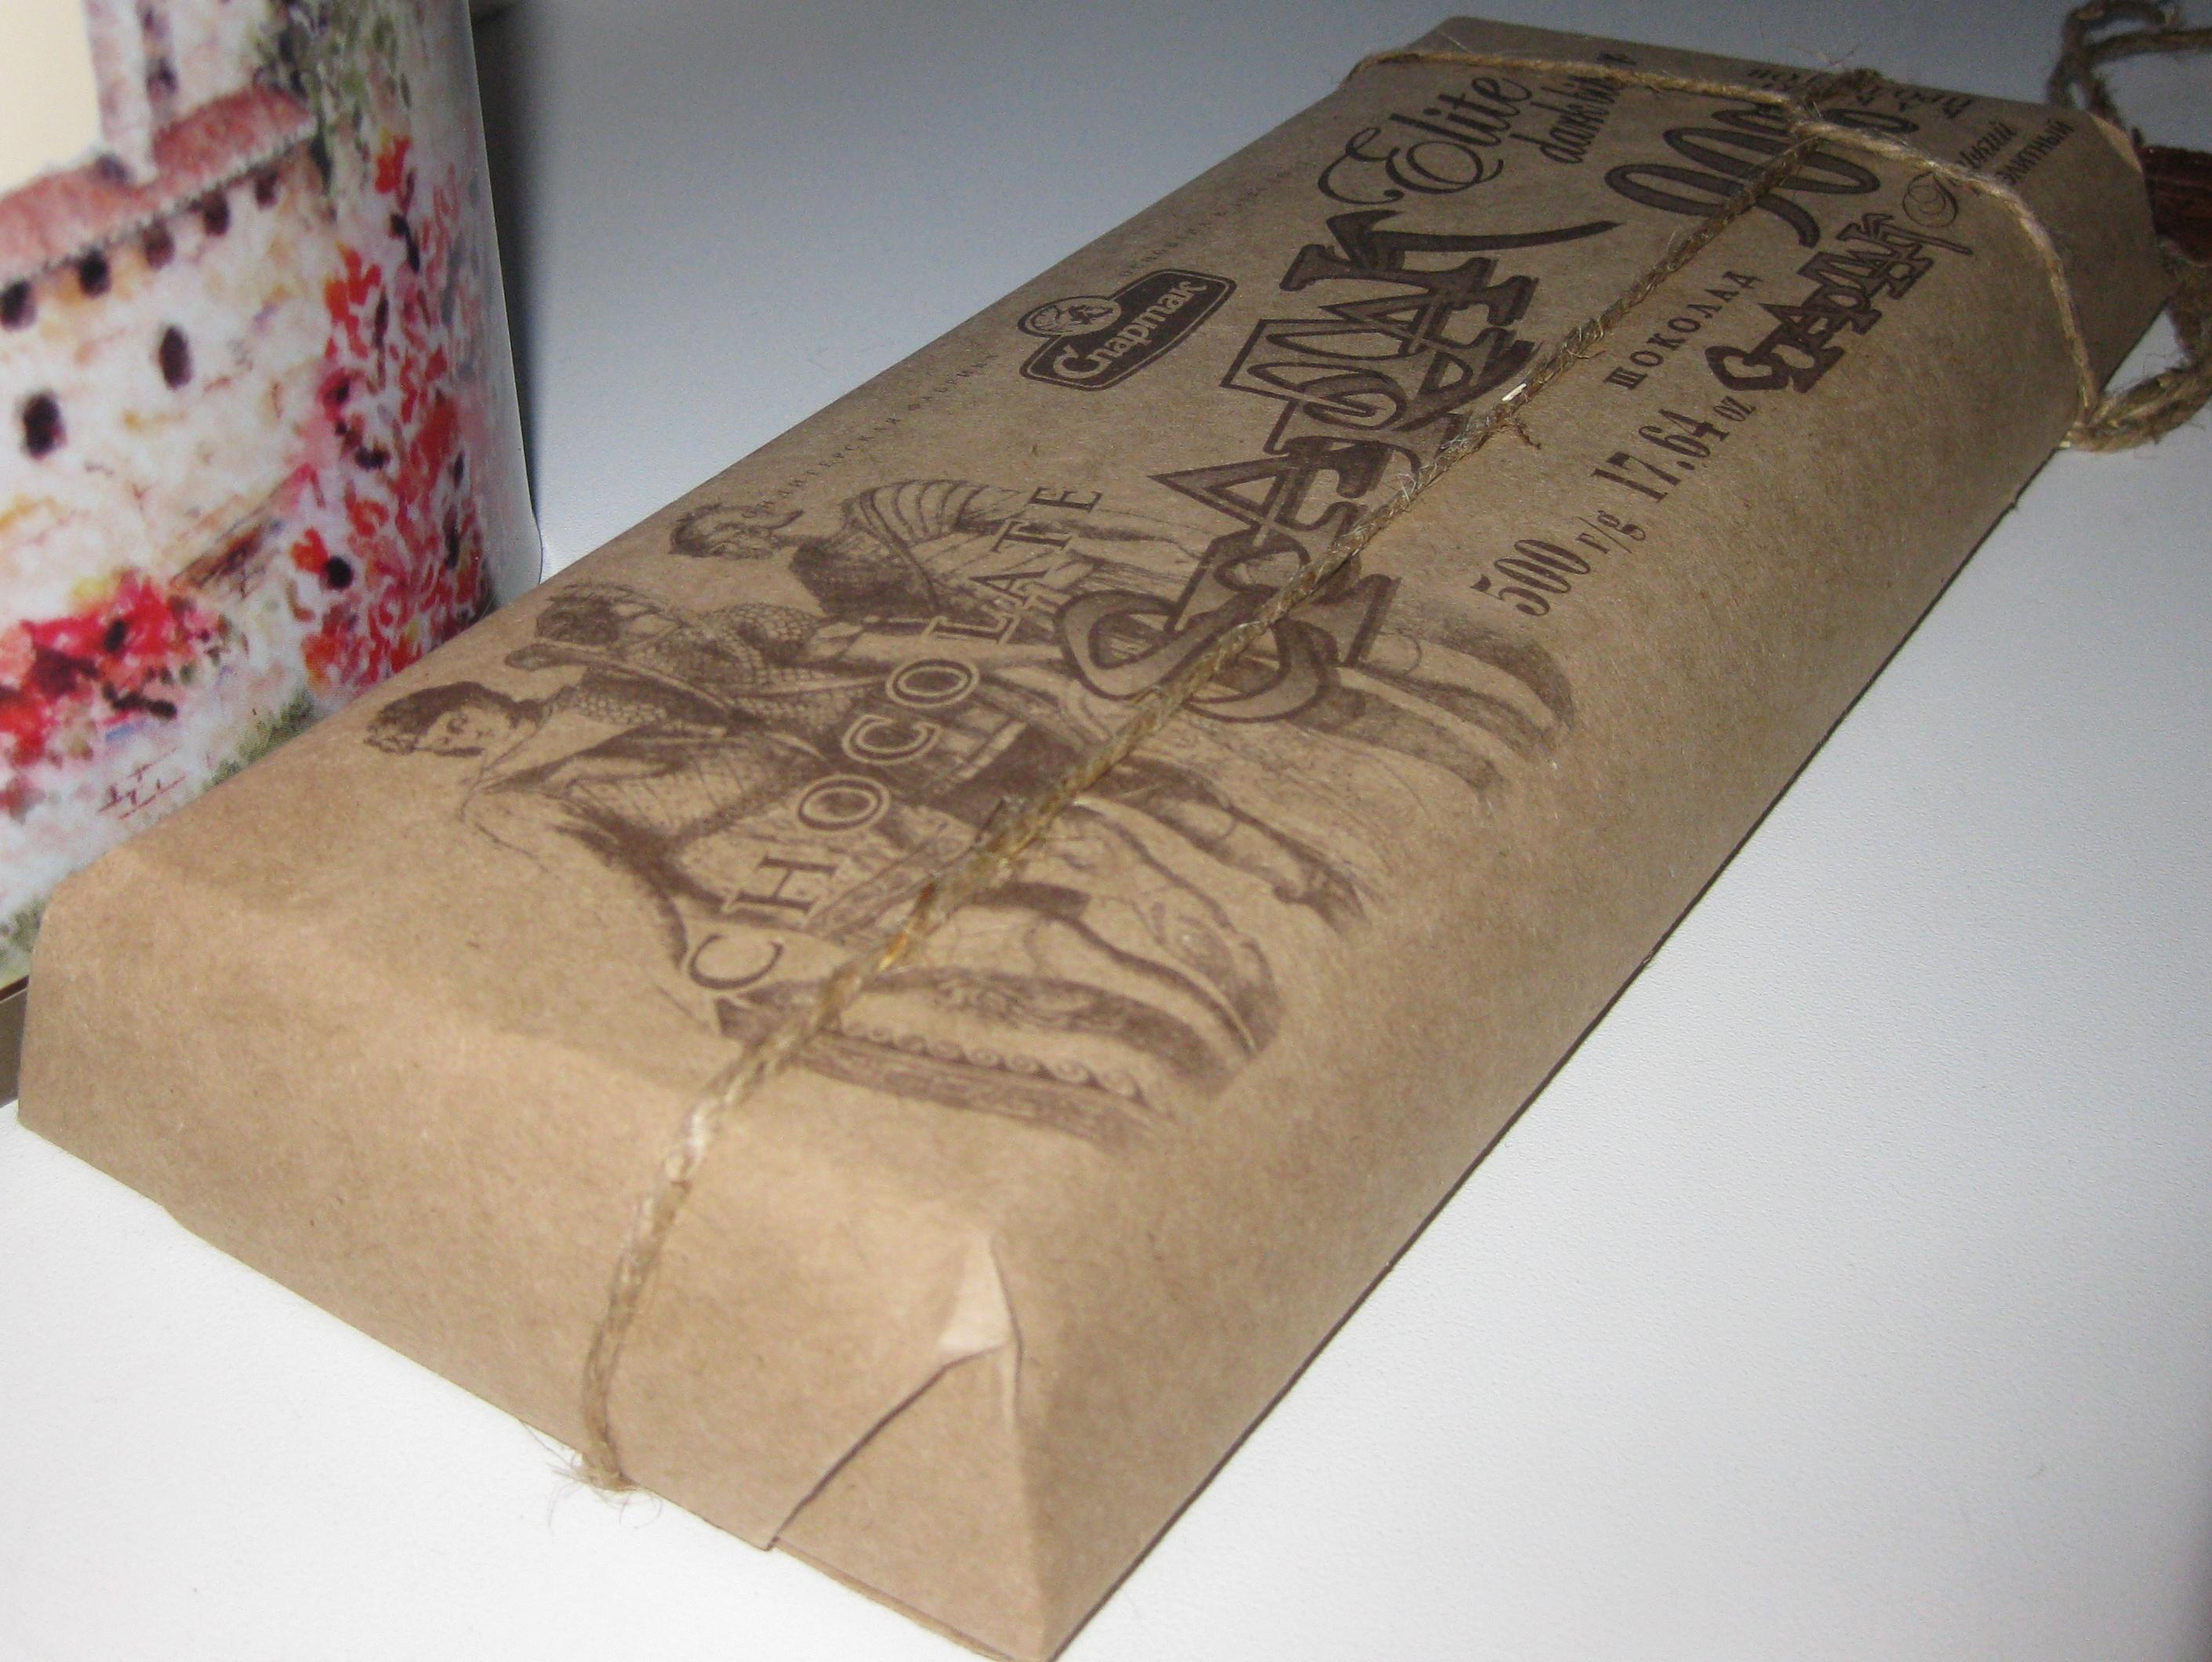 Шоколад в упаковке в Шоколадных заметках